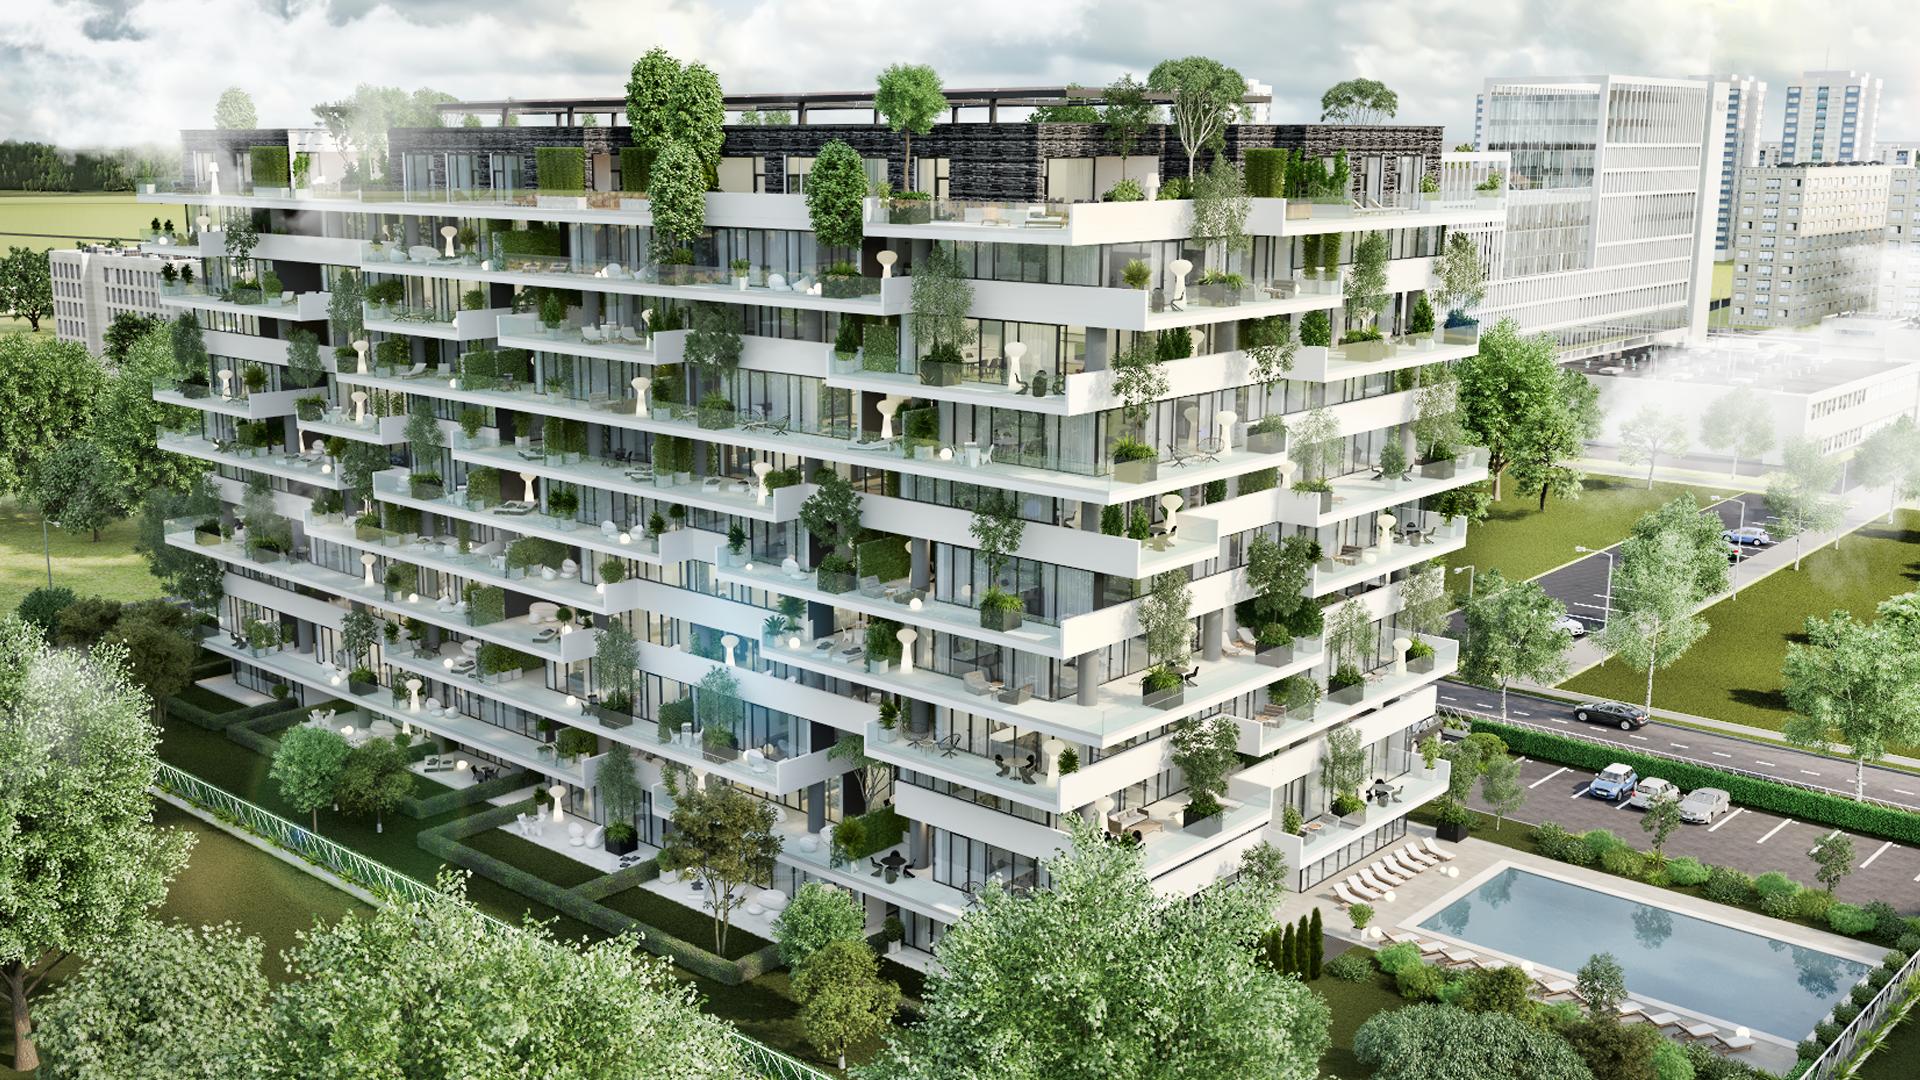 Primul proiect rezidenţial cu pădure verticală se construieşte la Timişoara